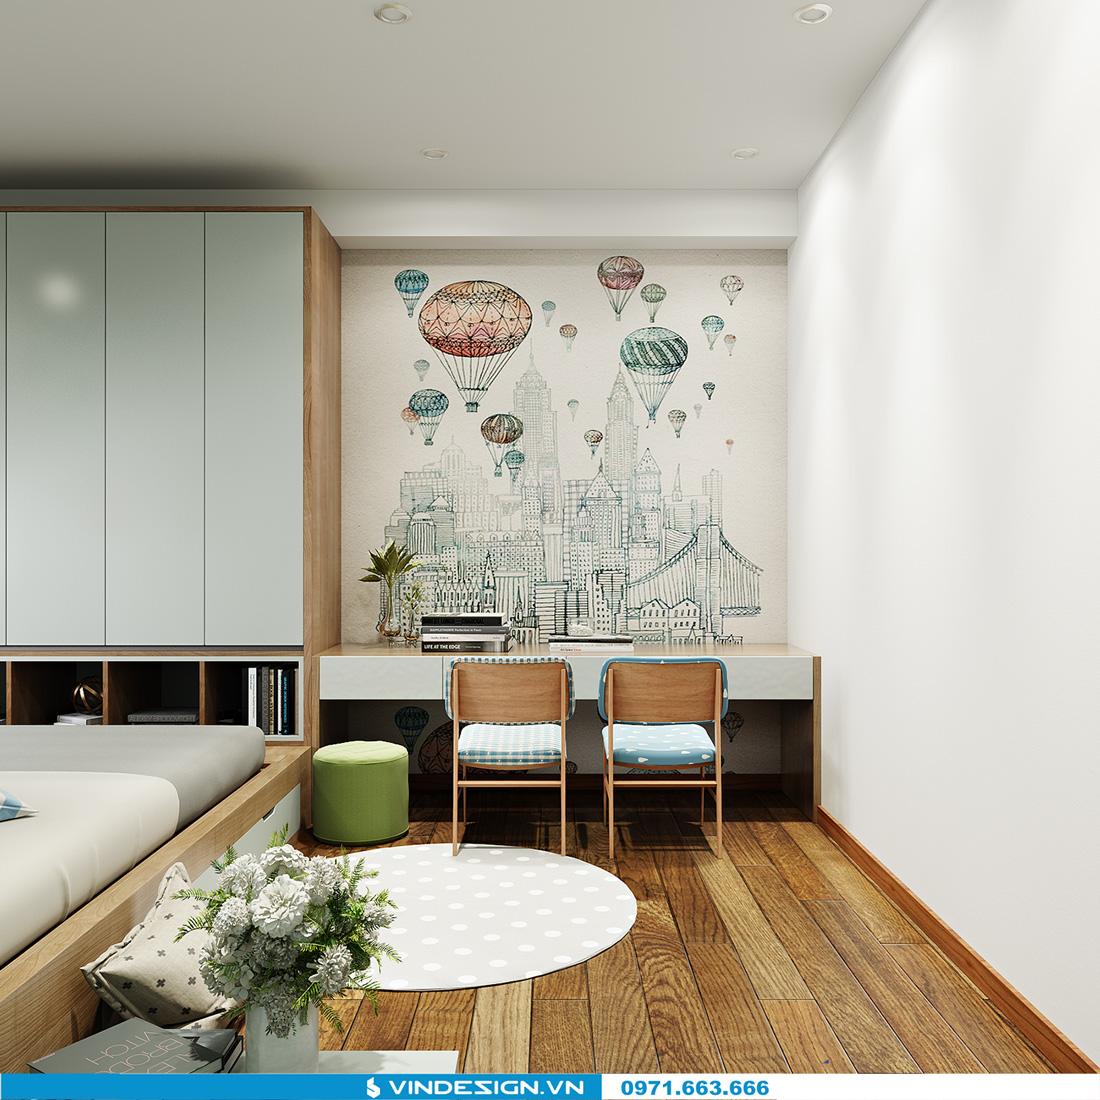 Mẫu Thiết kế chung cư GREEN BAY MỄ TRÌ